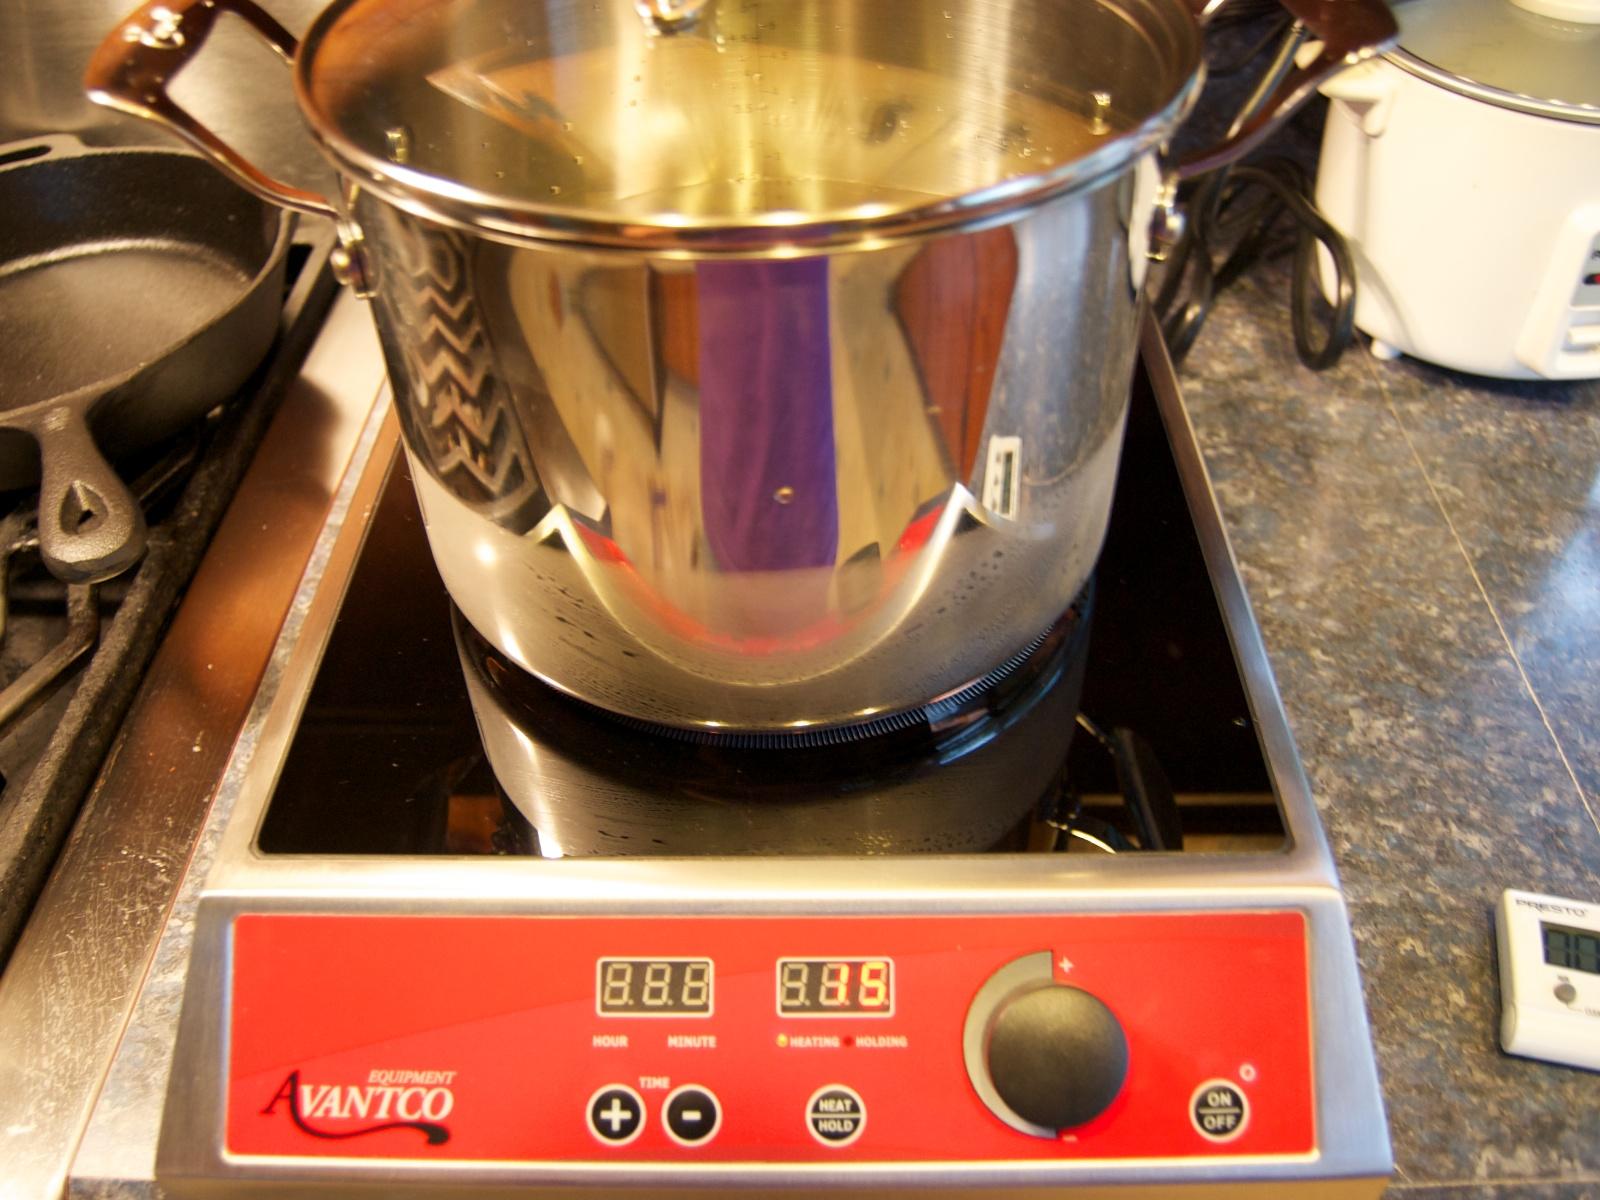 http://blog.rickk.com/food/2011/07/08/boil2.jpg